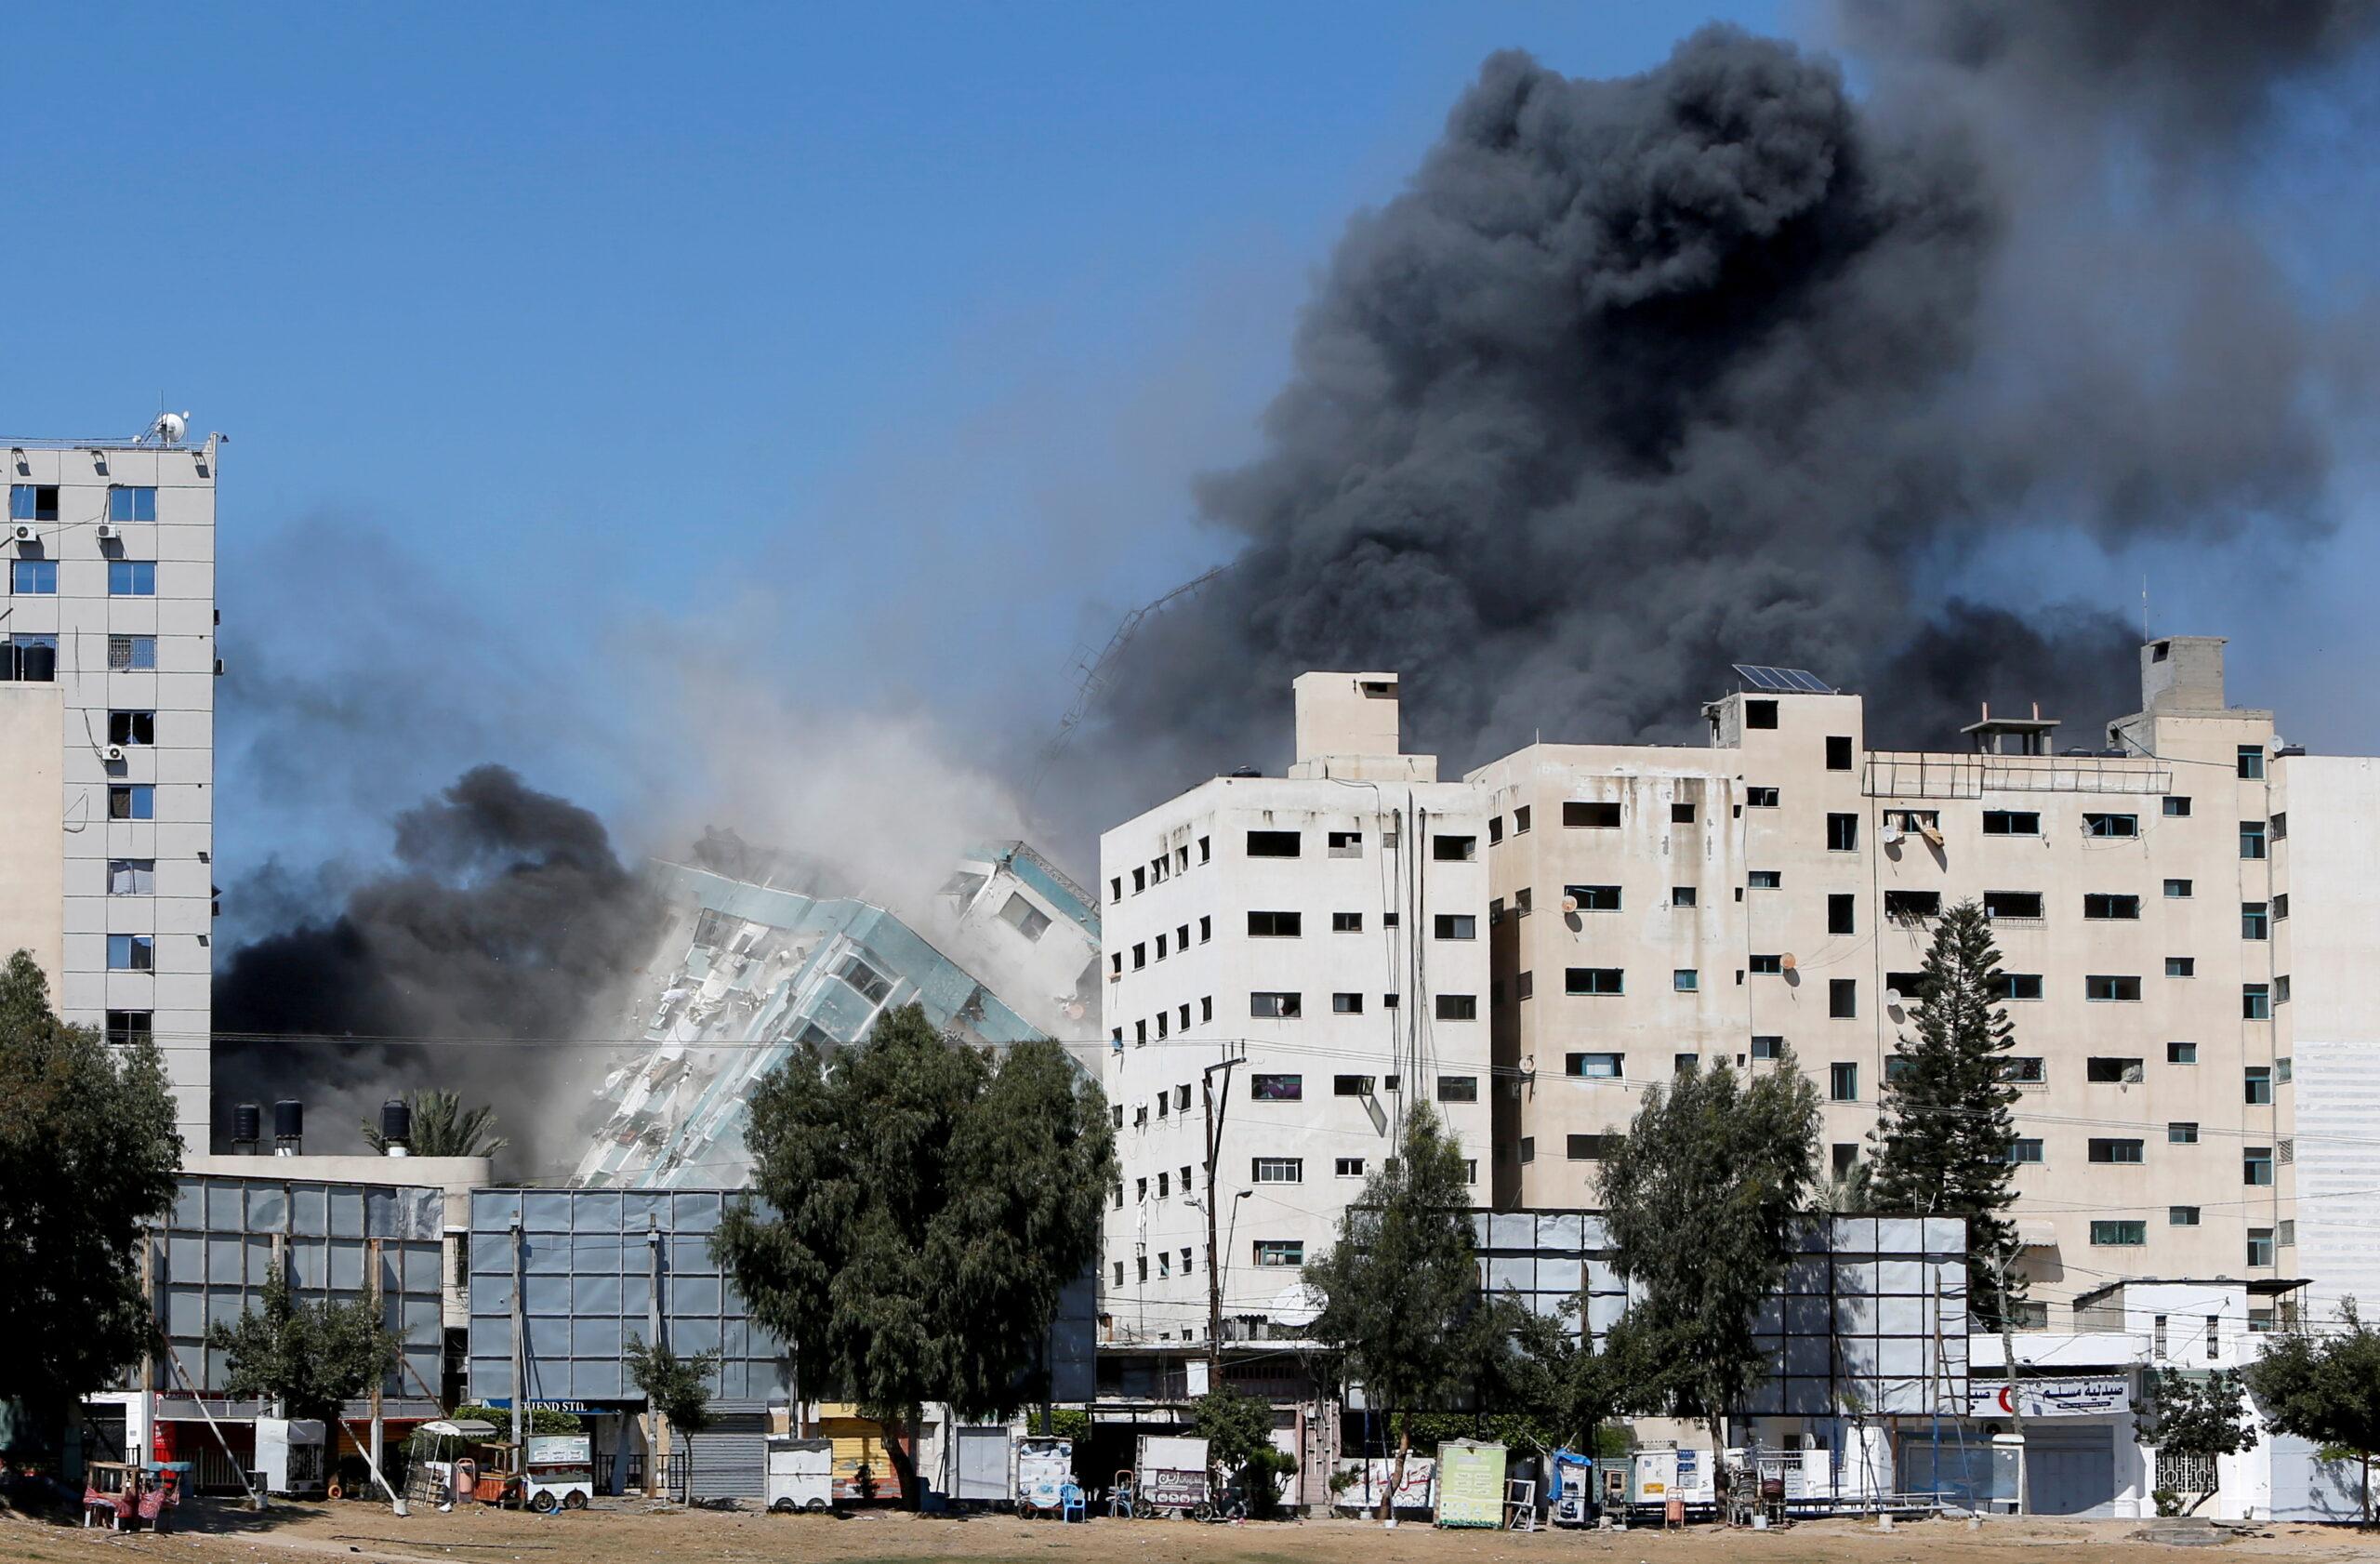 مبنى يضم مكتبي وكالة أسوشيتد برس وقناة الجزيرة لدى انهياره جراء ضربة إسرائيلية في غزة يوم 15 مايو 2021. (الصورة: رويترز)